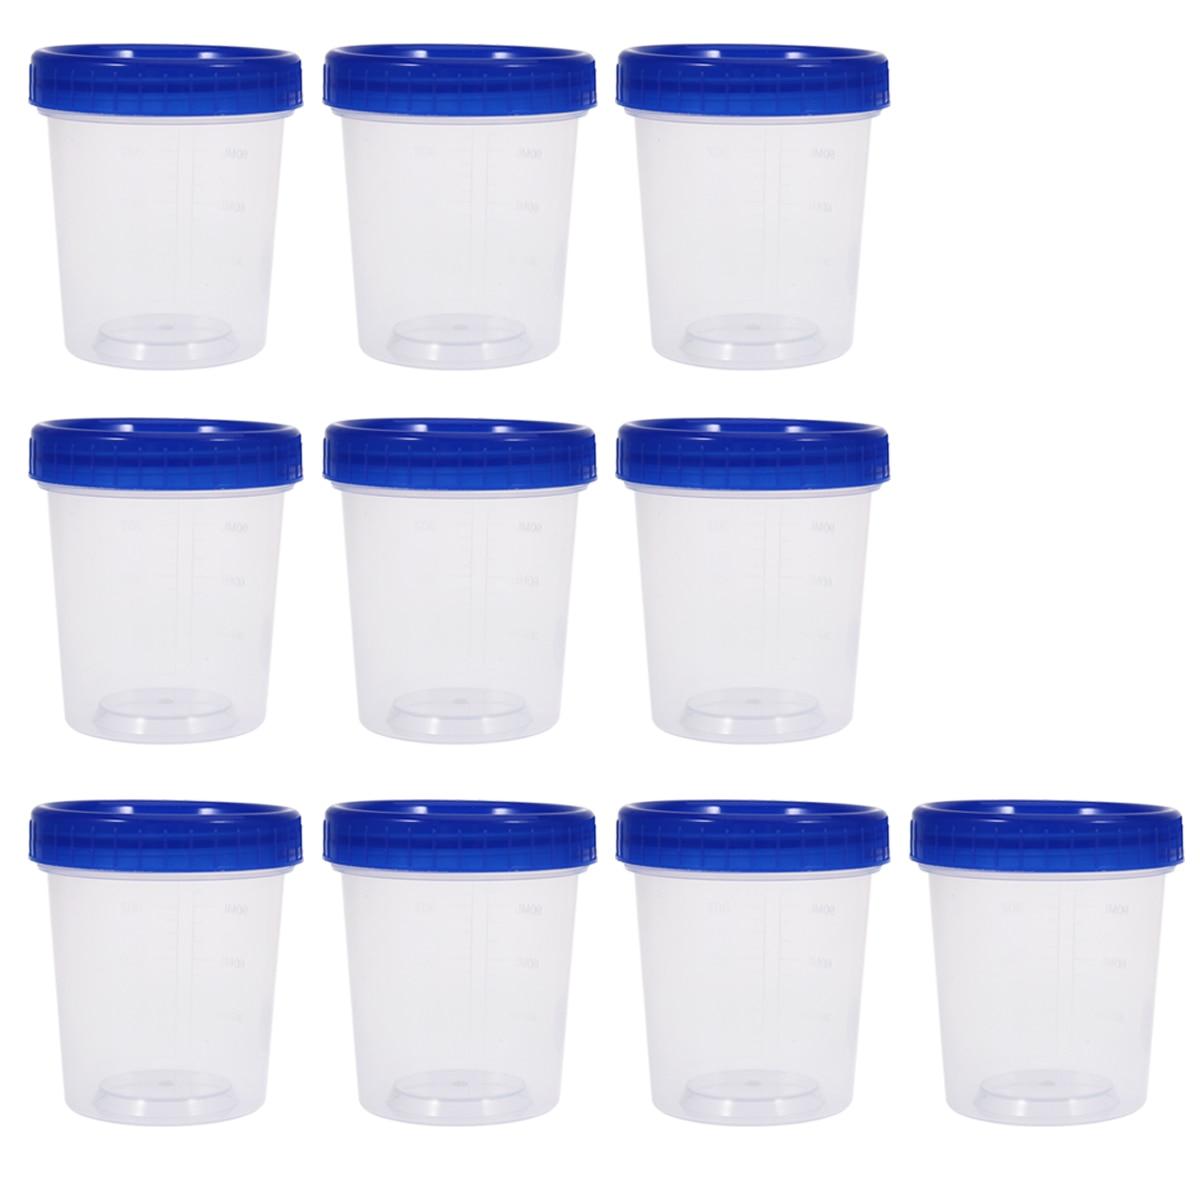 10pcs 120ml Disposable Plastic Measuring Cups With Lid Transparent Specimen Cup Kitchen Accessories